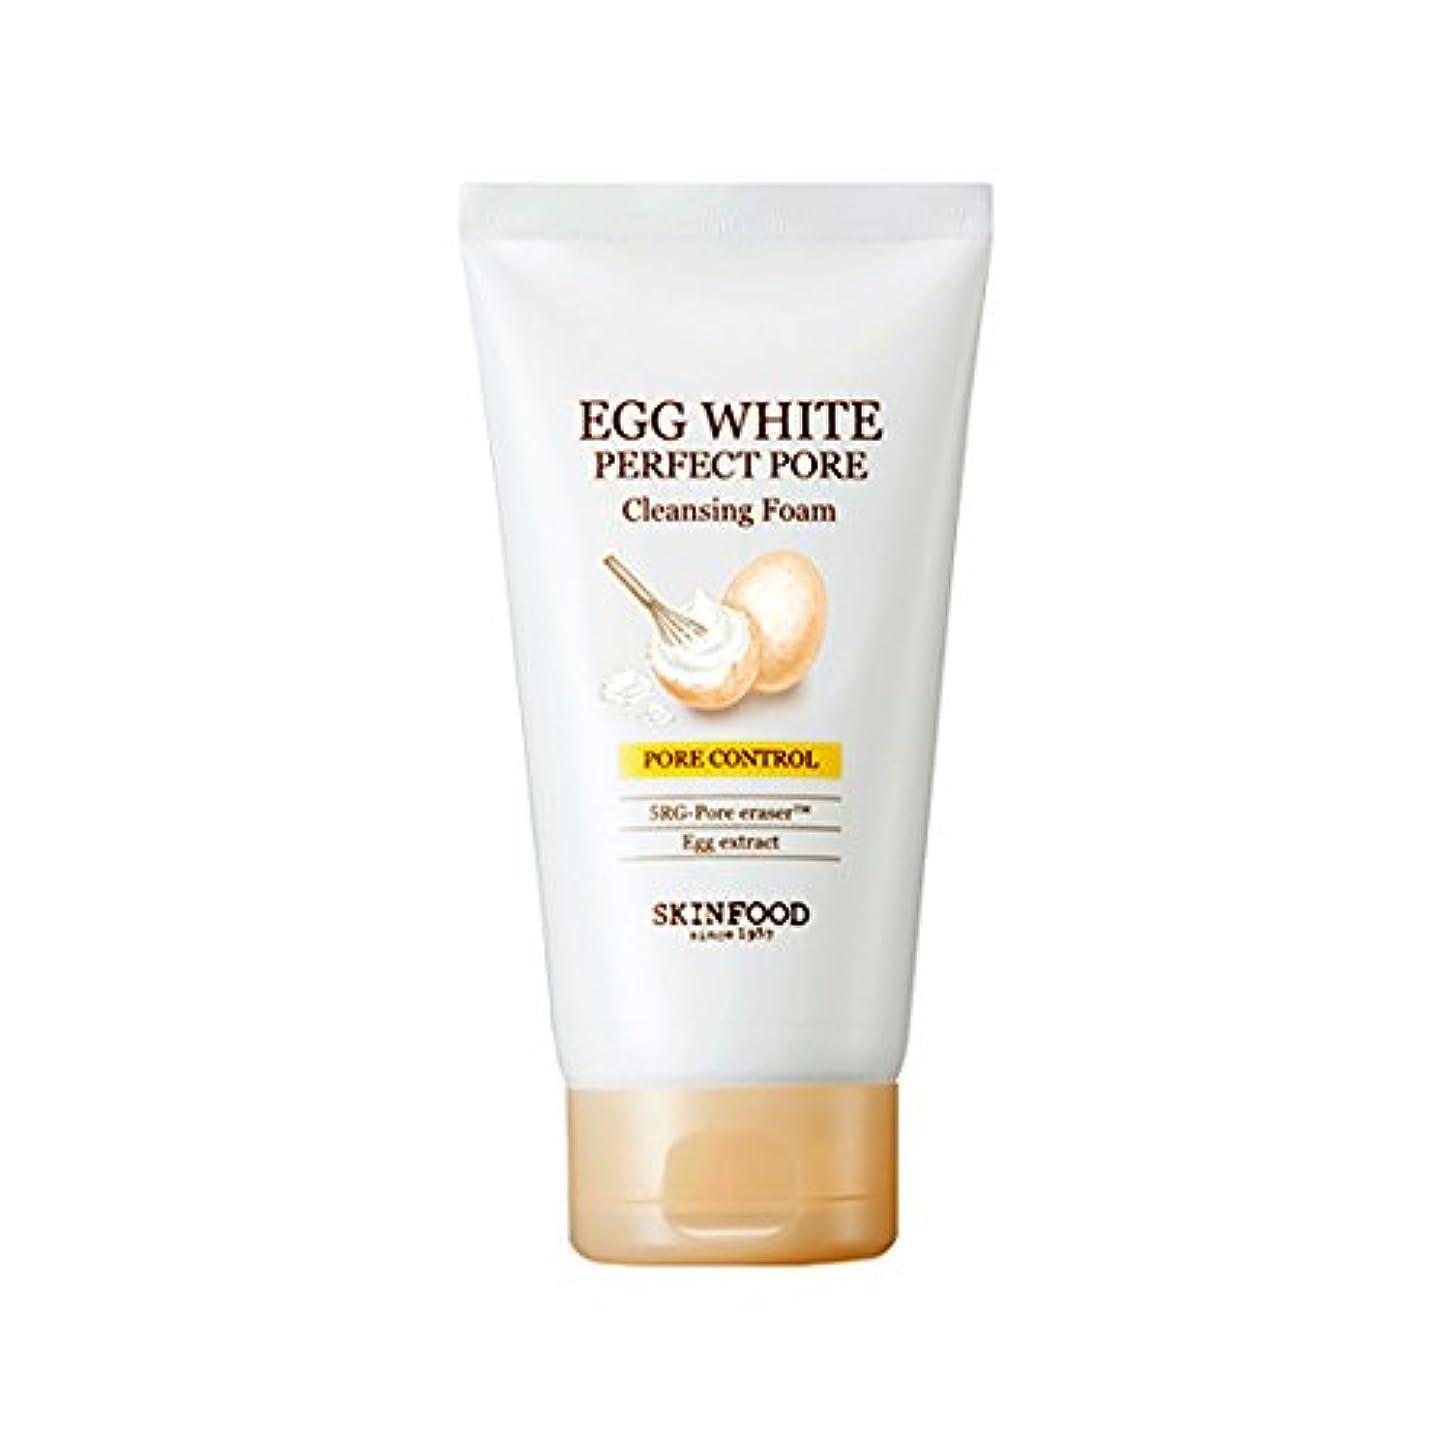 スプレーカプセル所持[2017 New] SKINFOOD Egg White Perfect Pore Cleansing Foam 150ml/スキンフード エッグ ホワイト パーフェクト ポア クレンジング フォーム 150ml [並行輸入品]